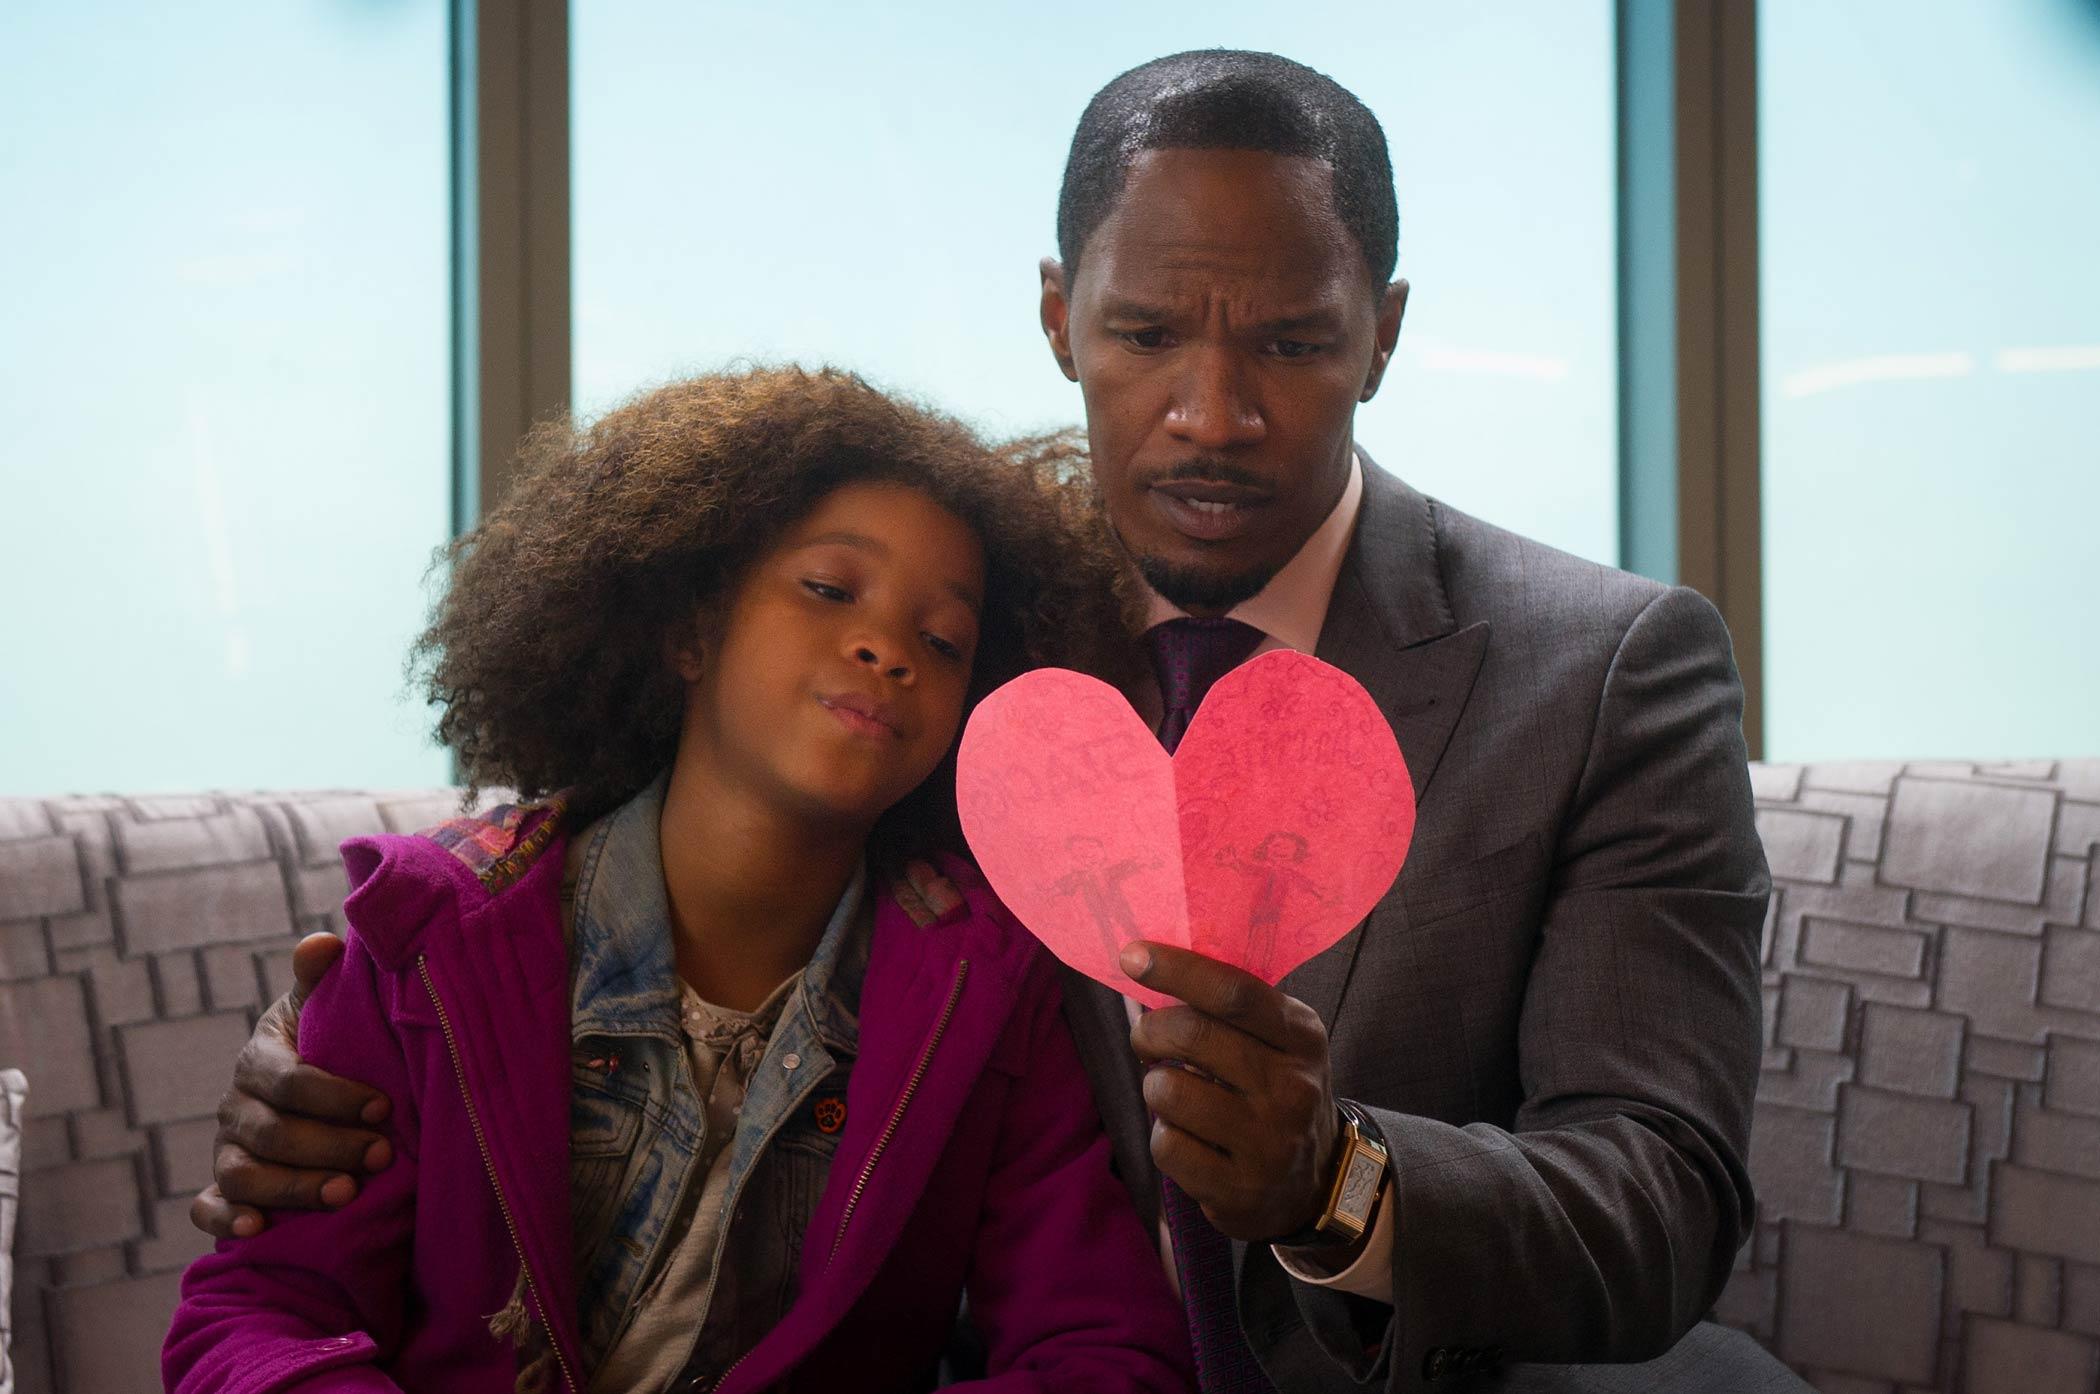 Quvenzhané Wallis stars as Annie alongside Jamie Foxx as Will Stacks in Annie